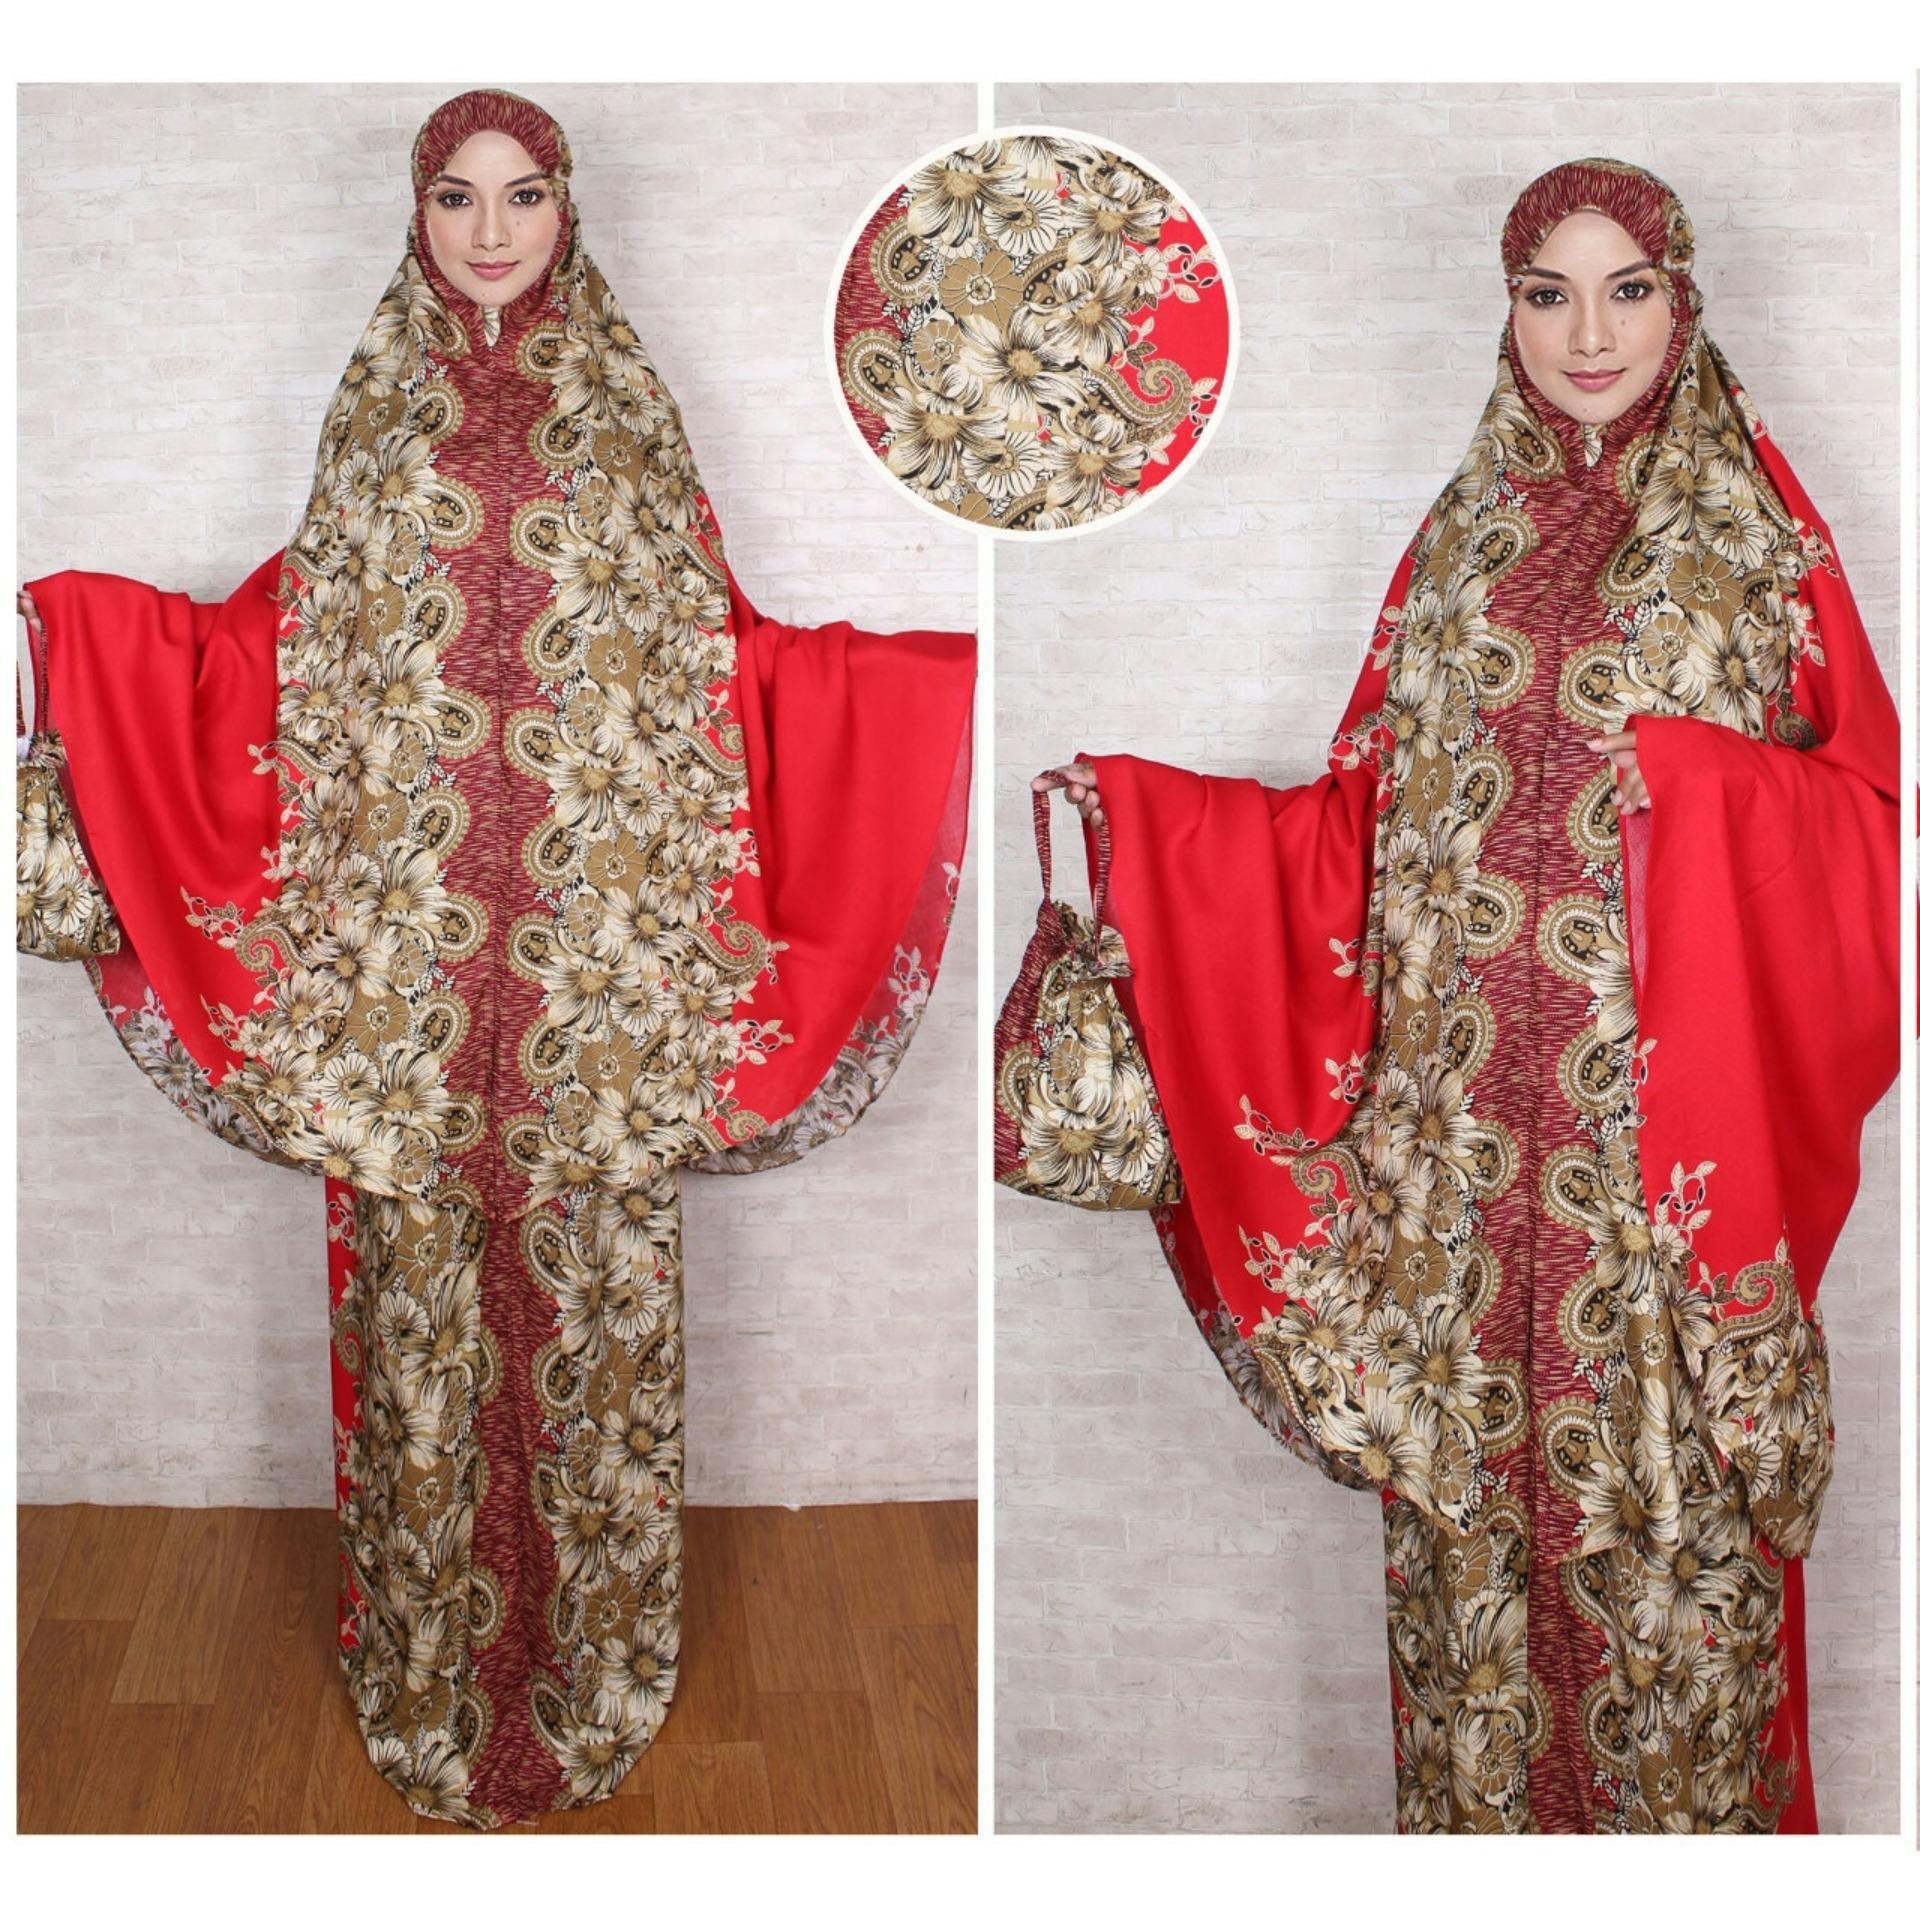 febryant shop - Pakaian Muslimah Mukena Wanita Fashionable - Mukena Batik Solo